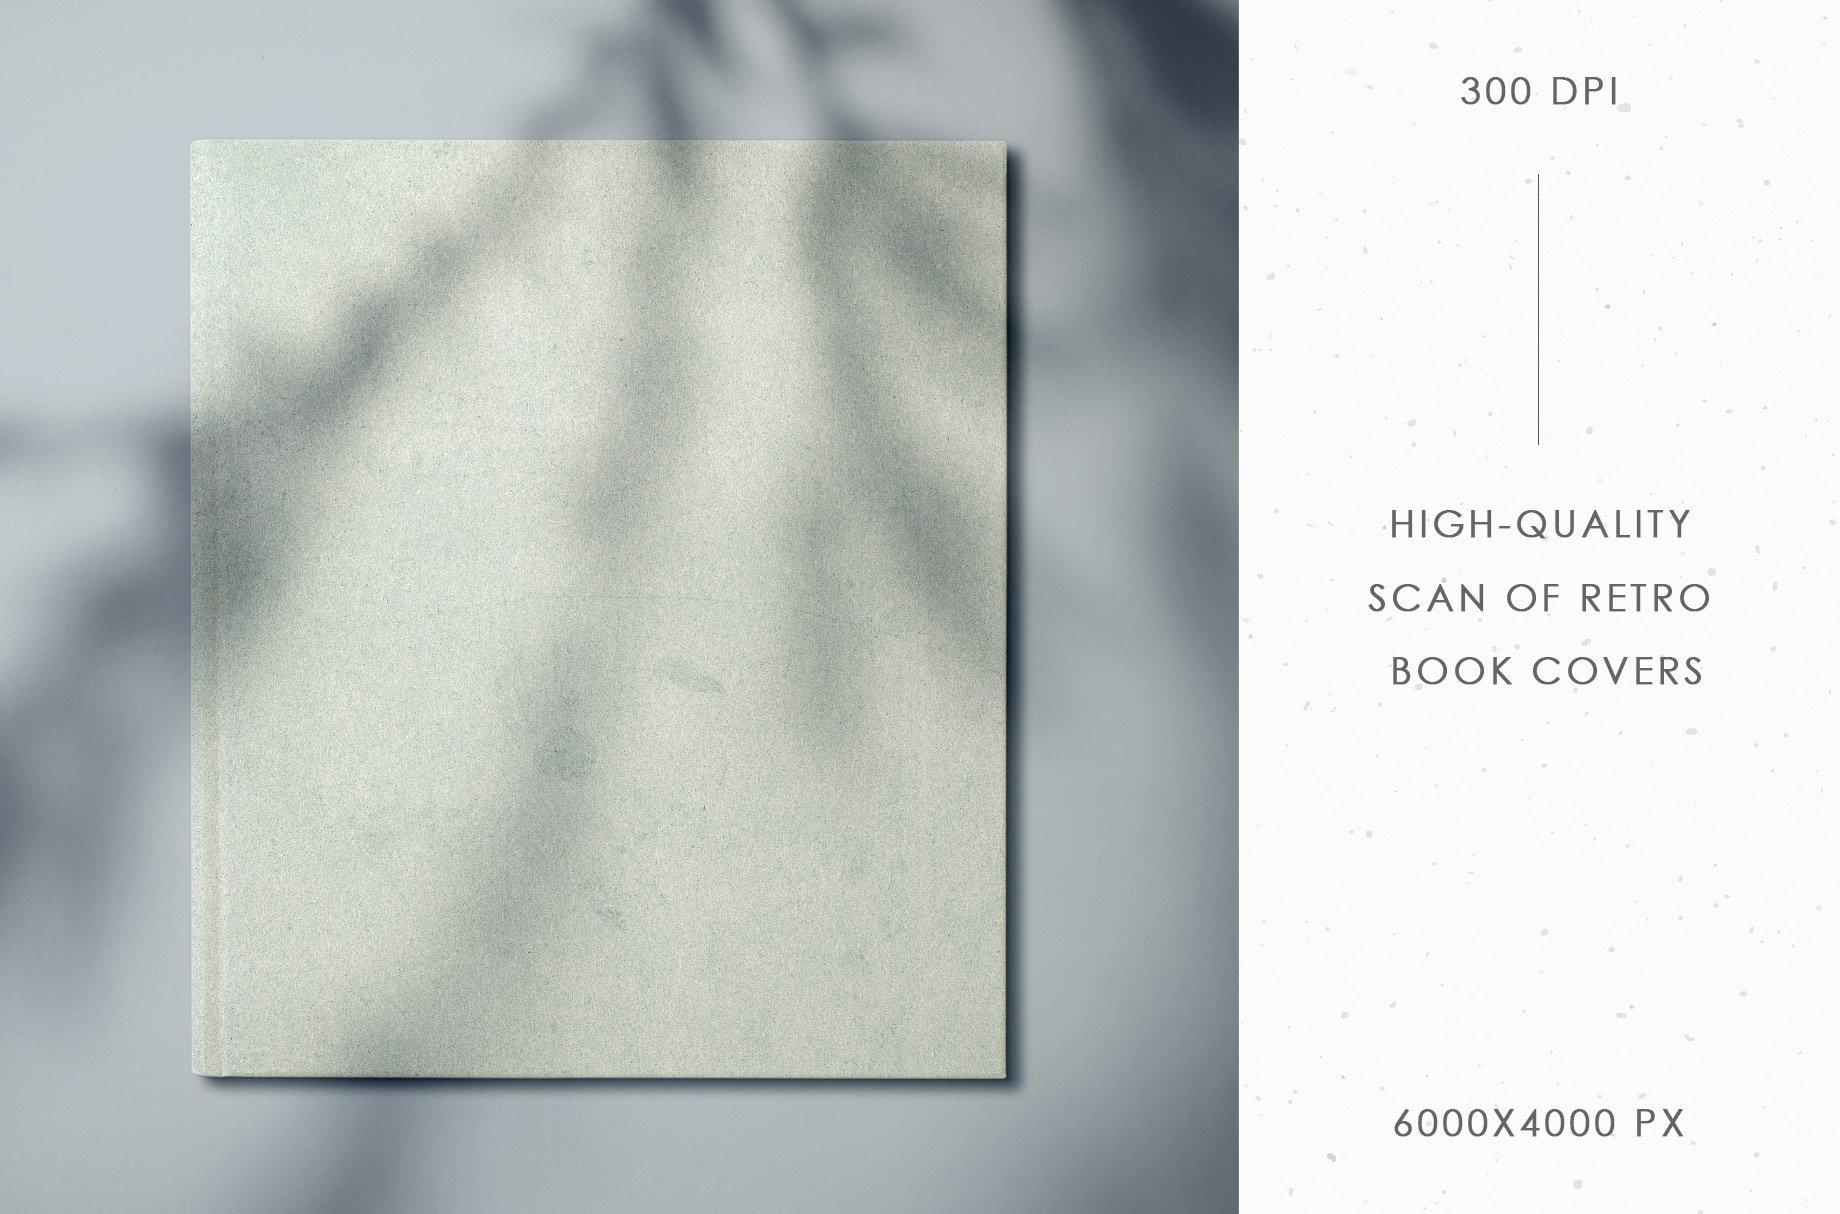 [单独购买] 130款高清复古做旧艺术纸纹理海报设计背景底纹图片设计素材 130 Retro Book Covers插图6